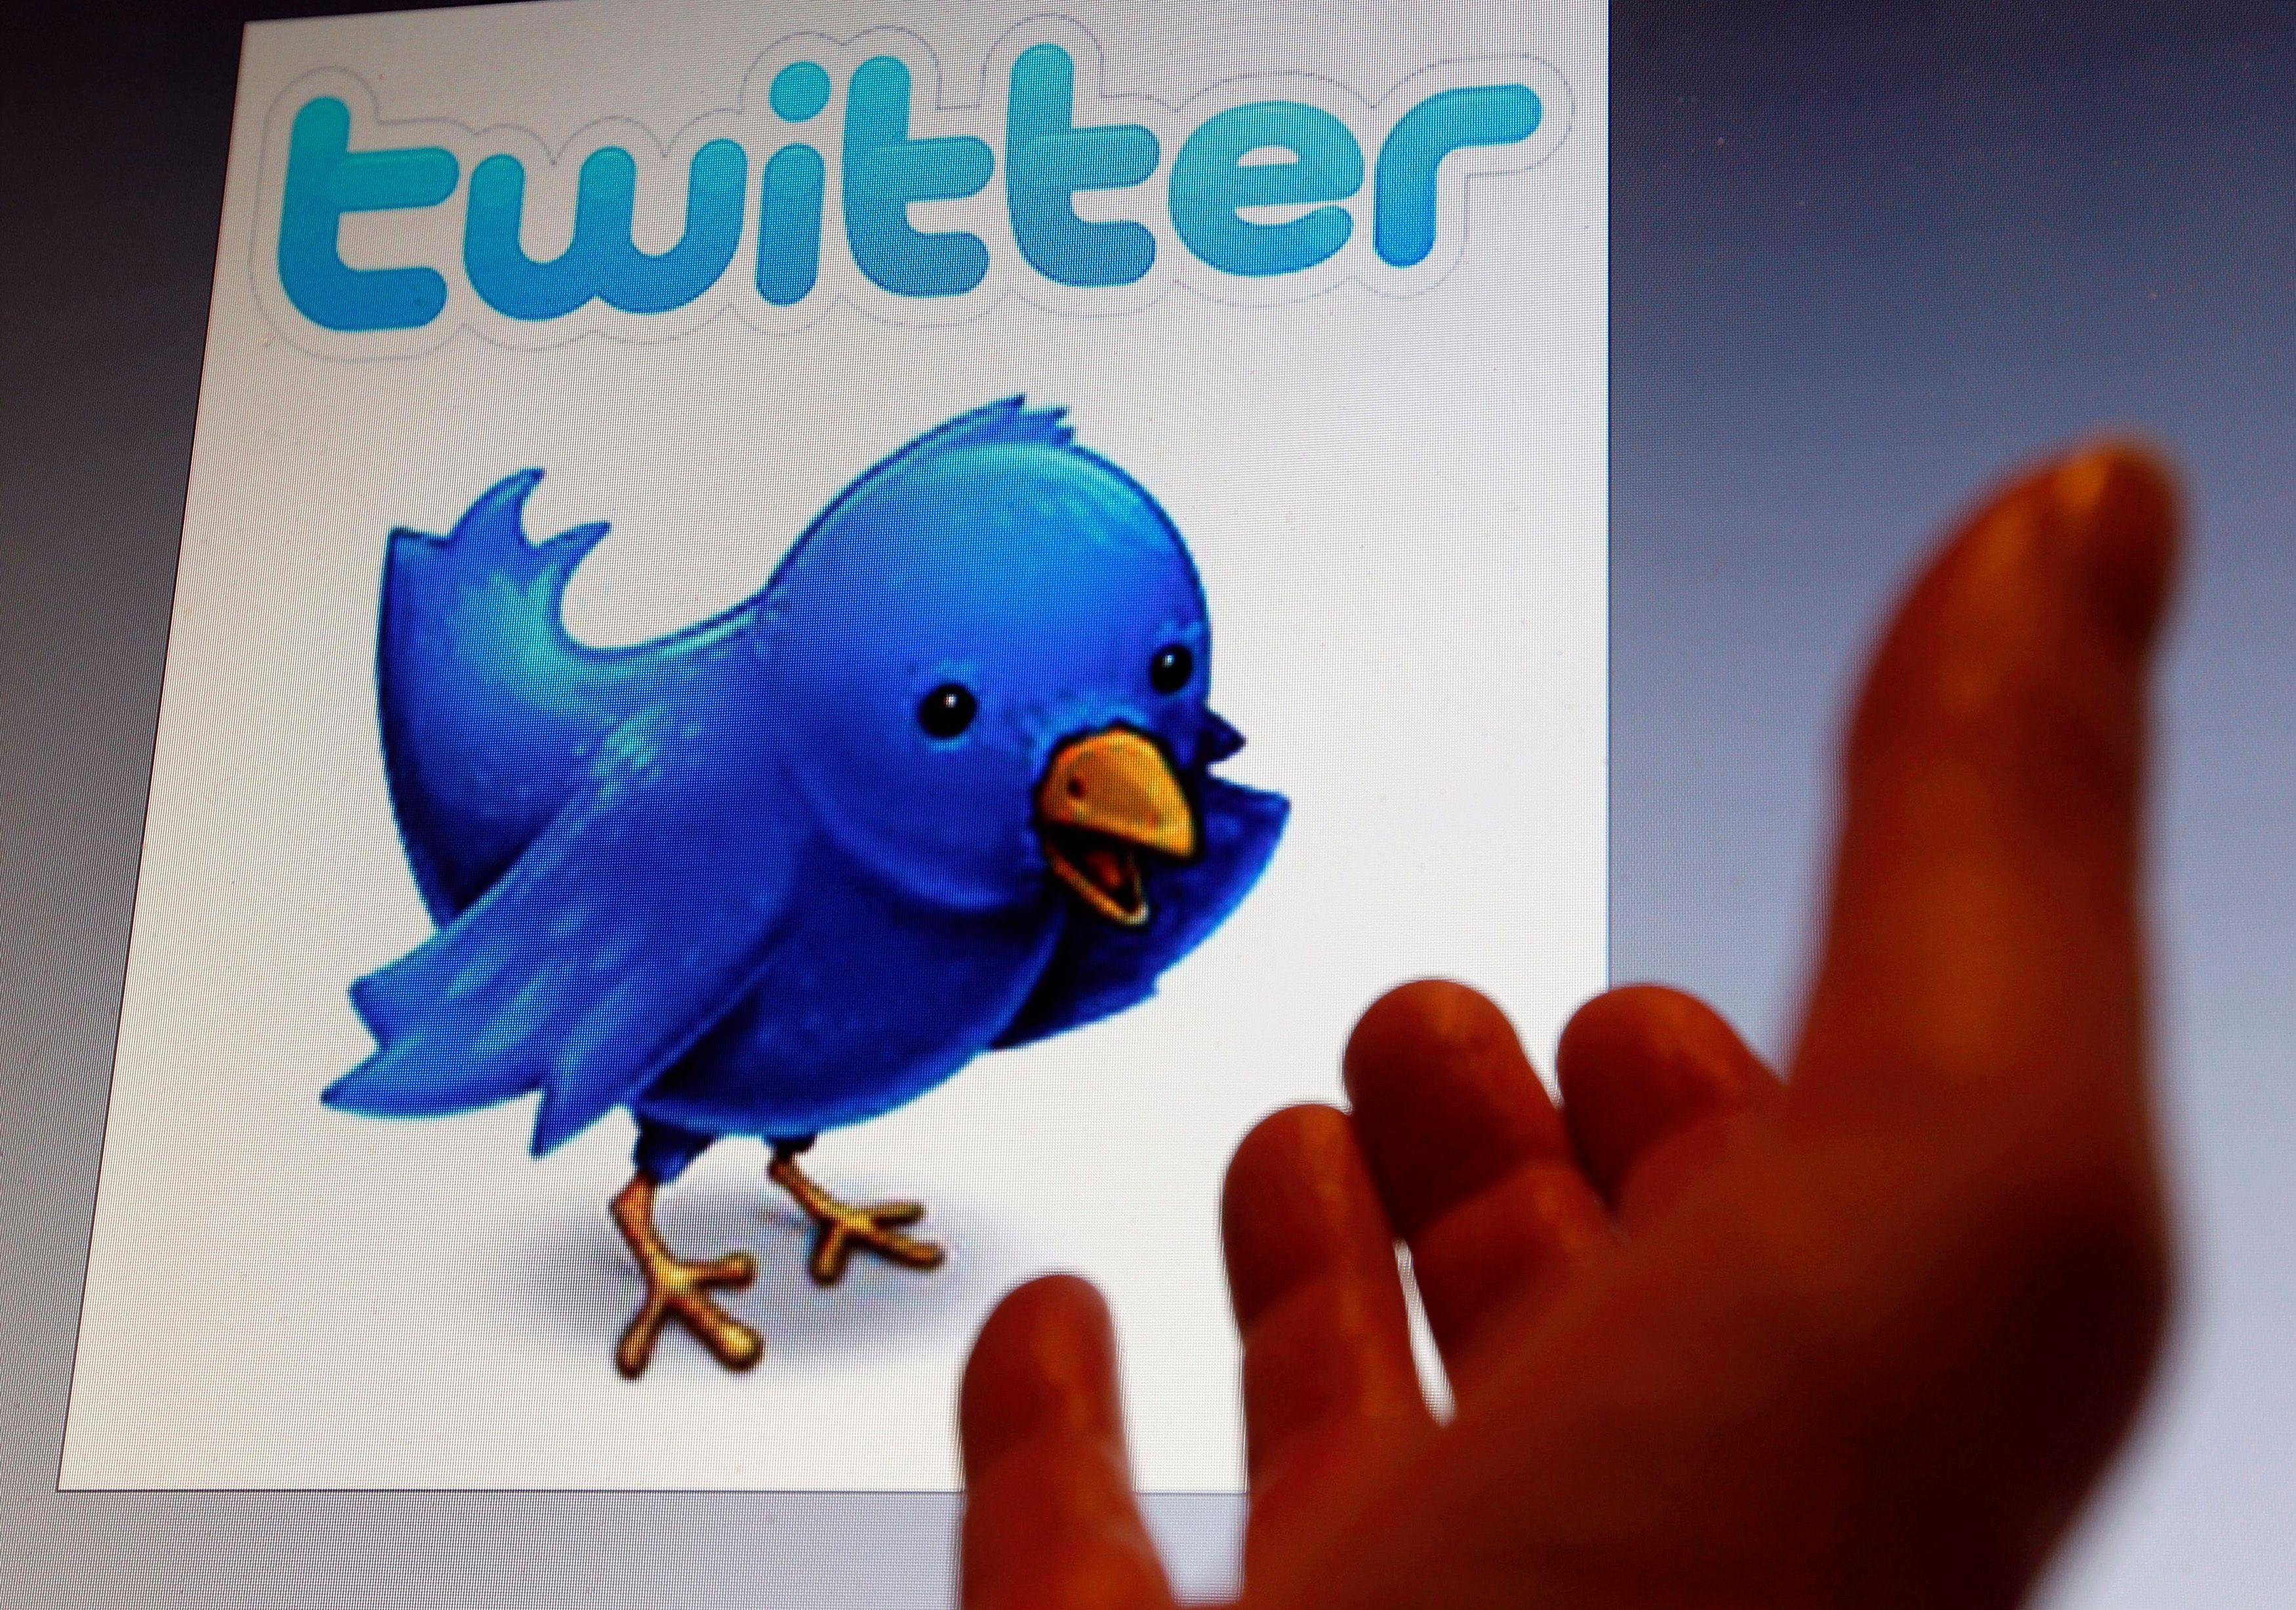 Des tweets antisémites ont été postés sur Twitter en octobre 2012.